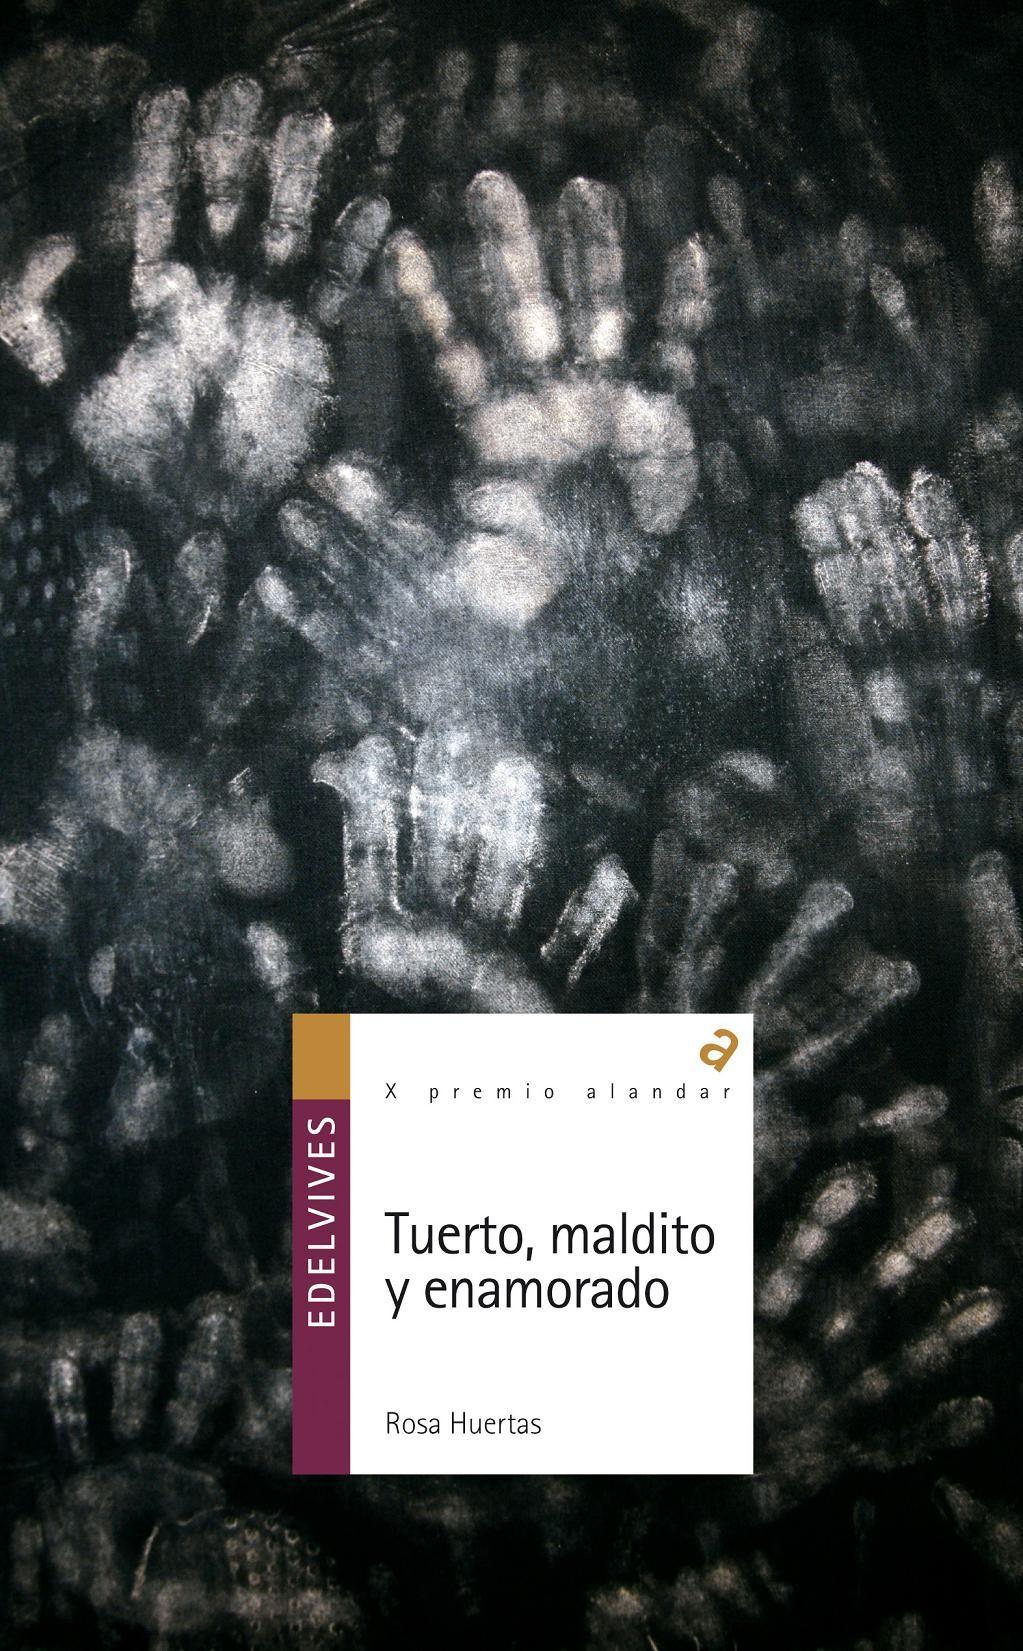 Tuerto Maldito Y Enamorado Rosa Huertas 9788426375339 Comprar El Libro Libros Para Adolescentes Libros De Romance Libros